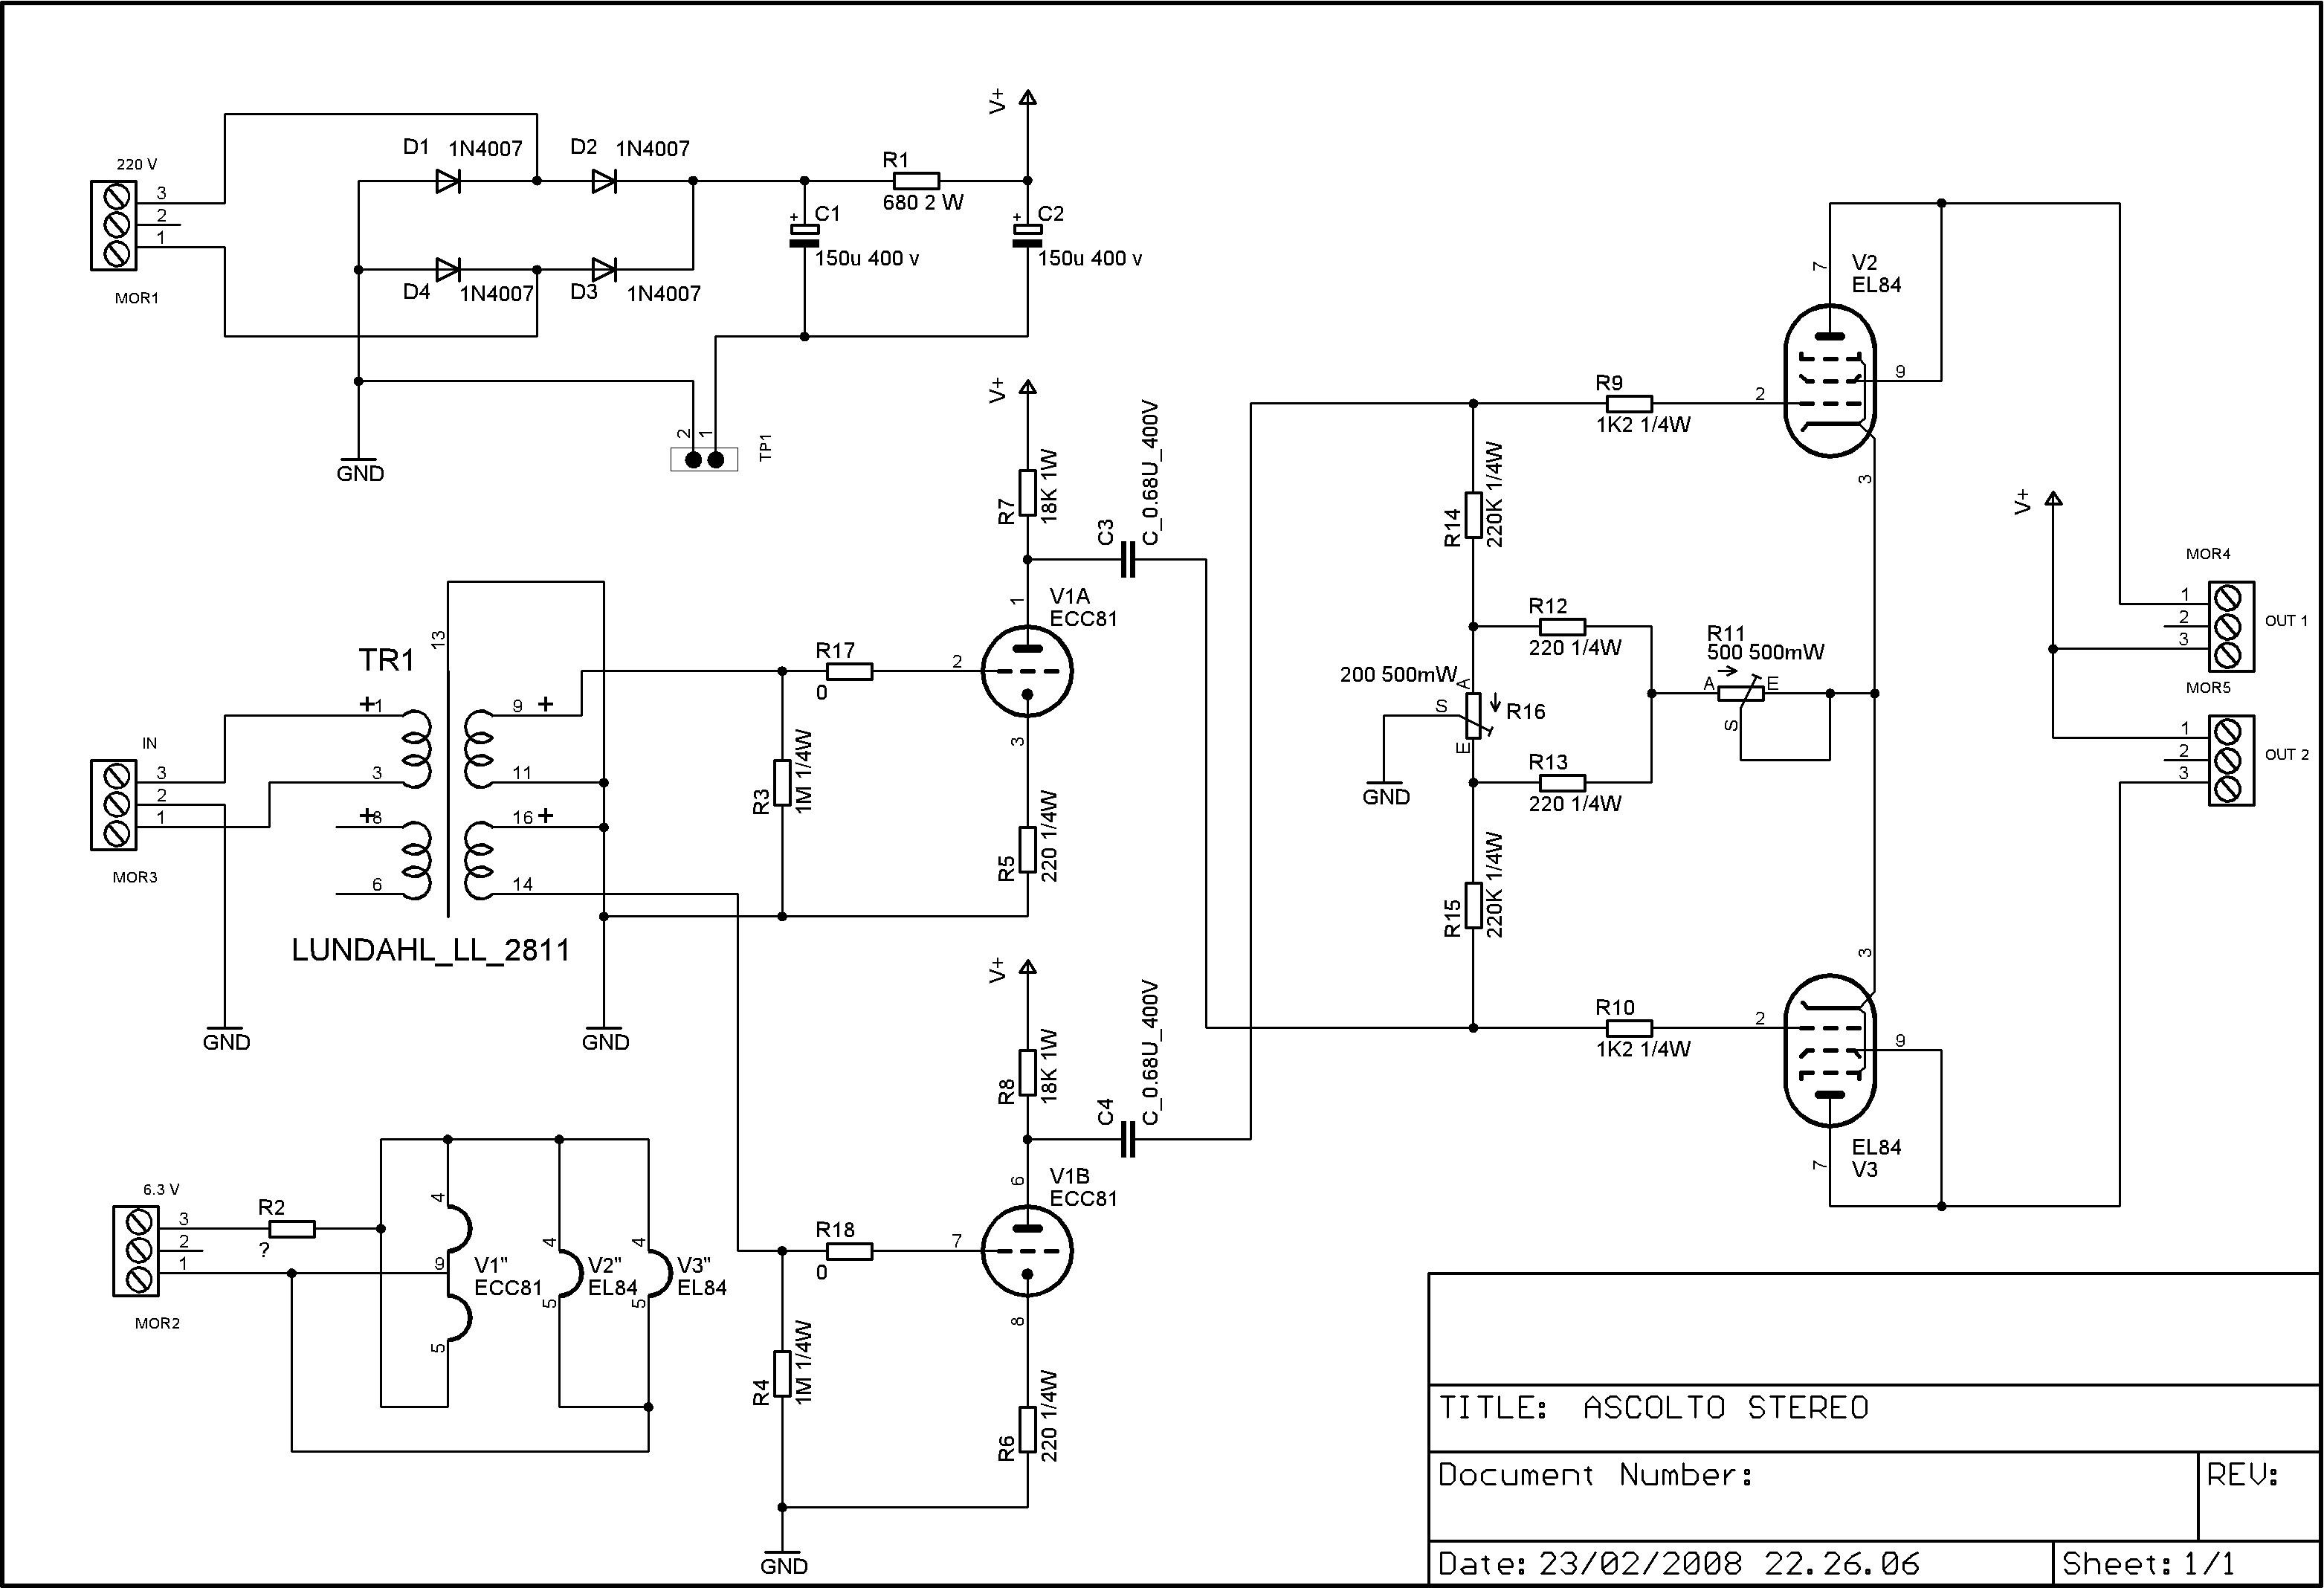 Schemi Elettrici Amplificatori Audio Con N : Schema elettrico trasformatore snap unifilare